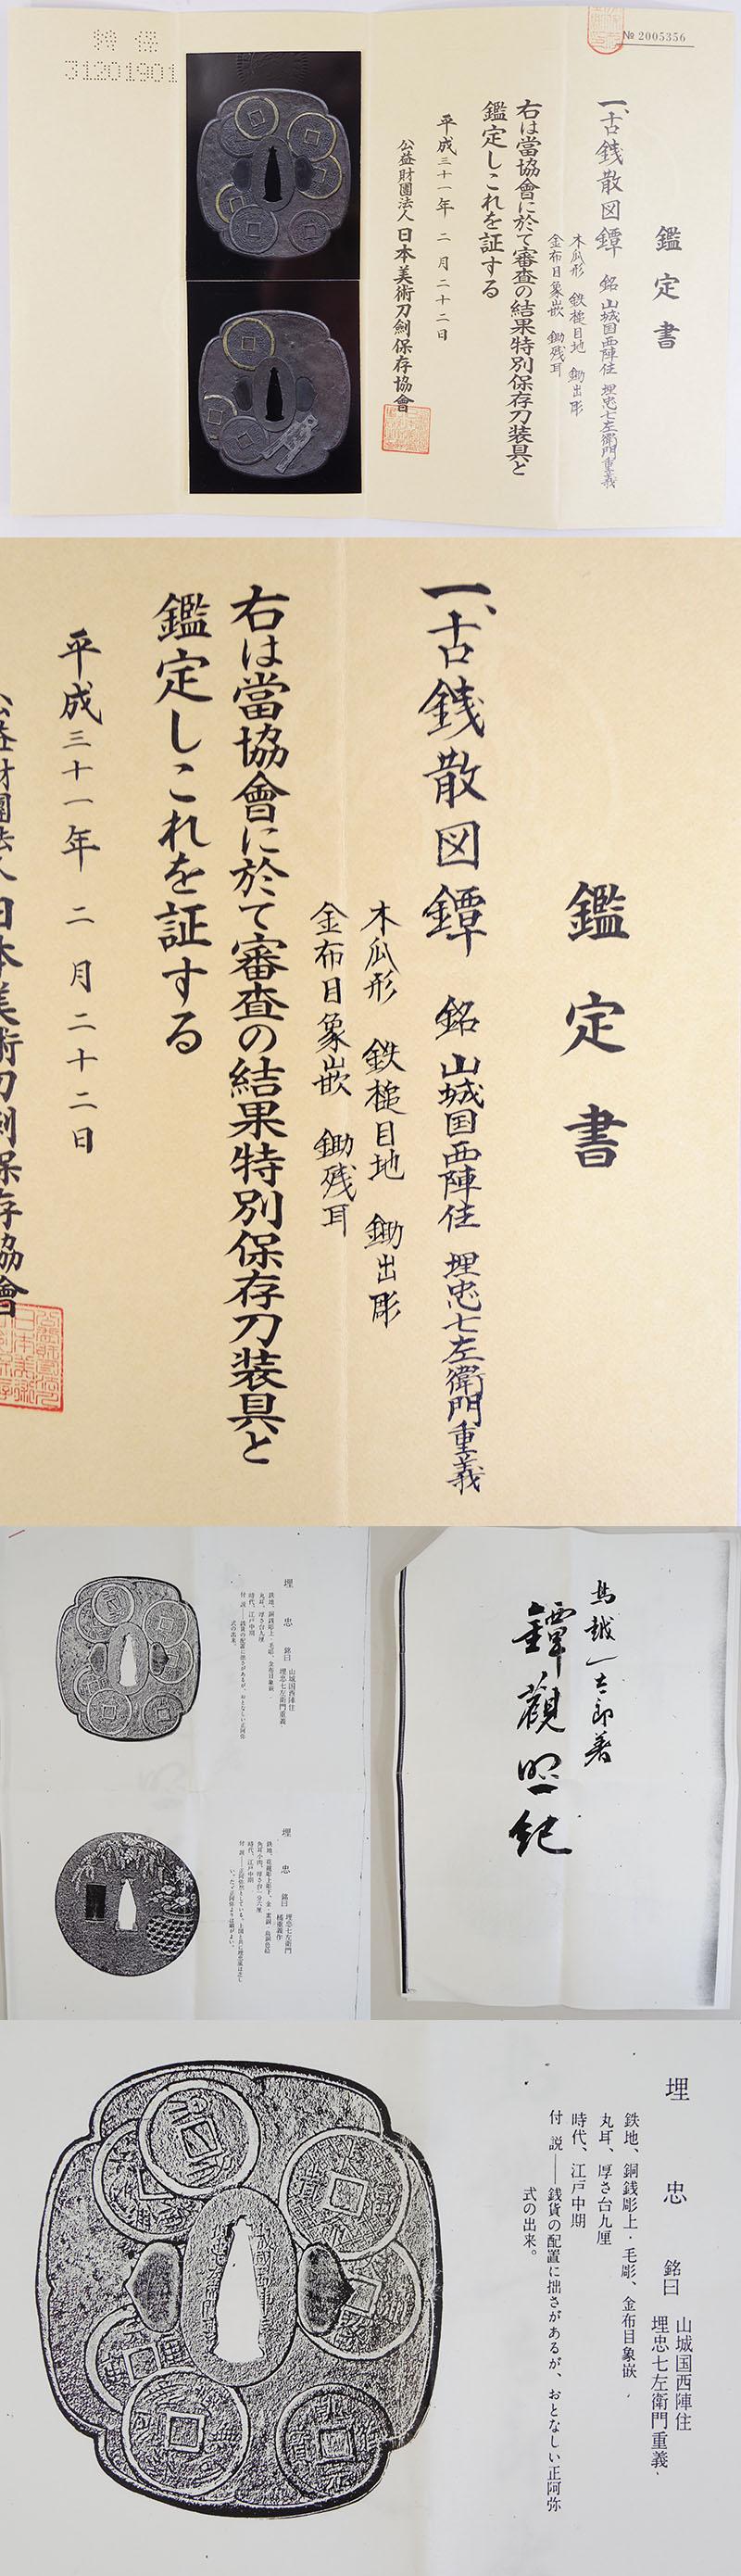 古銭散図鐔 山城国西陣住 埋忠七左衛門重義 Picture of Certificate